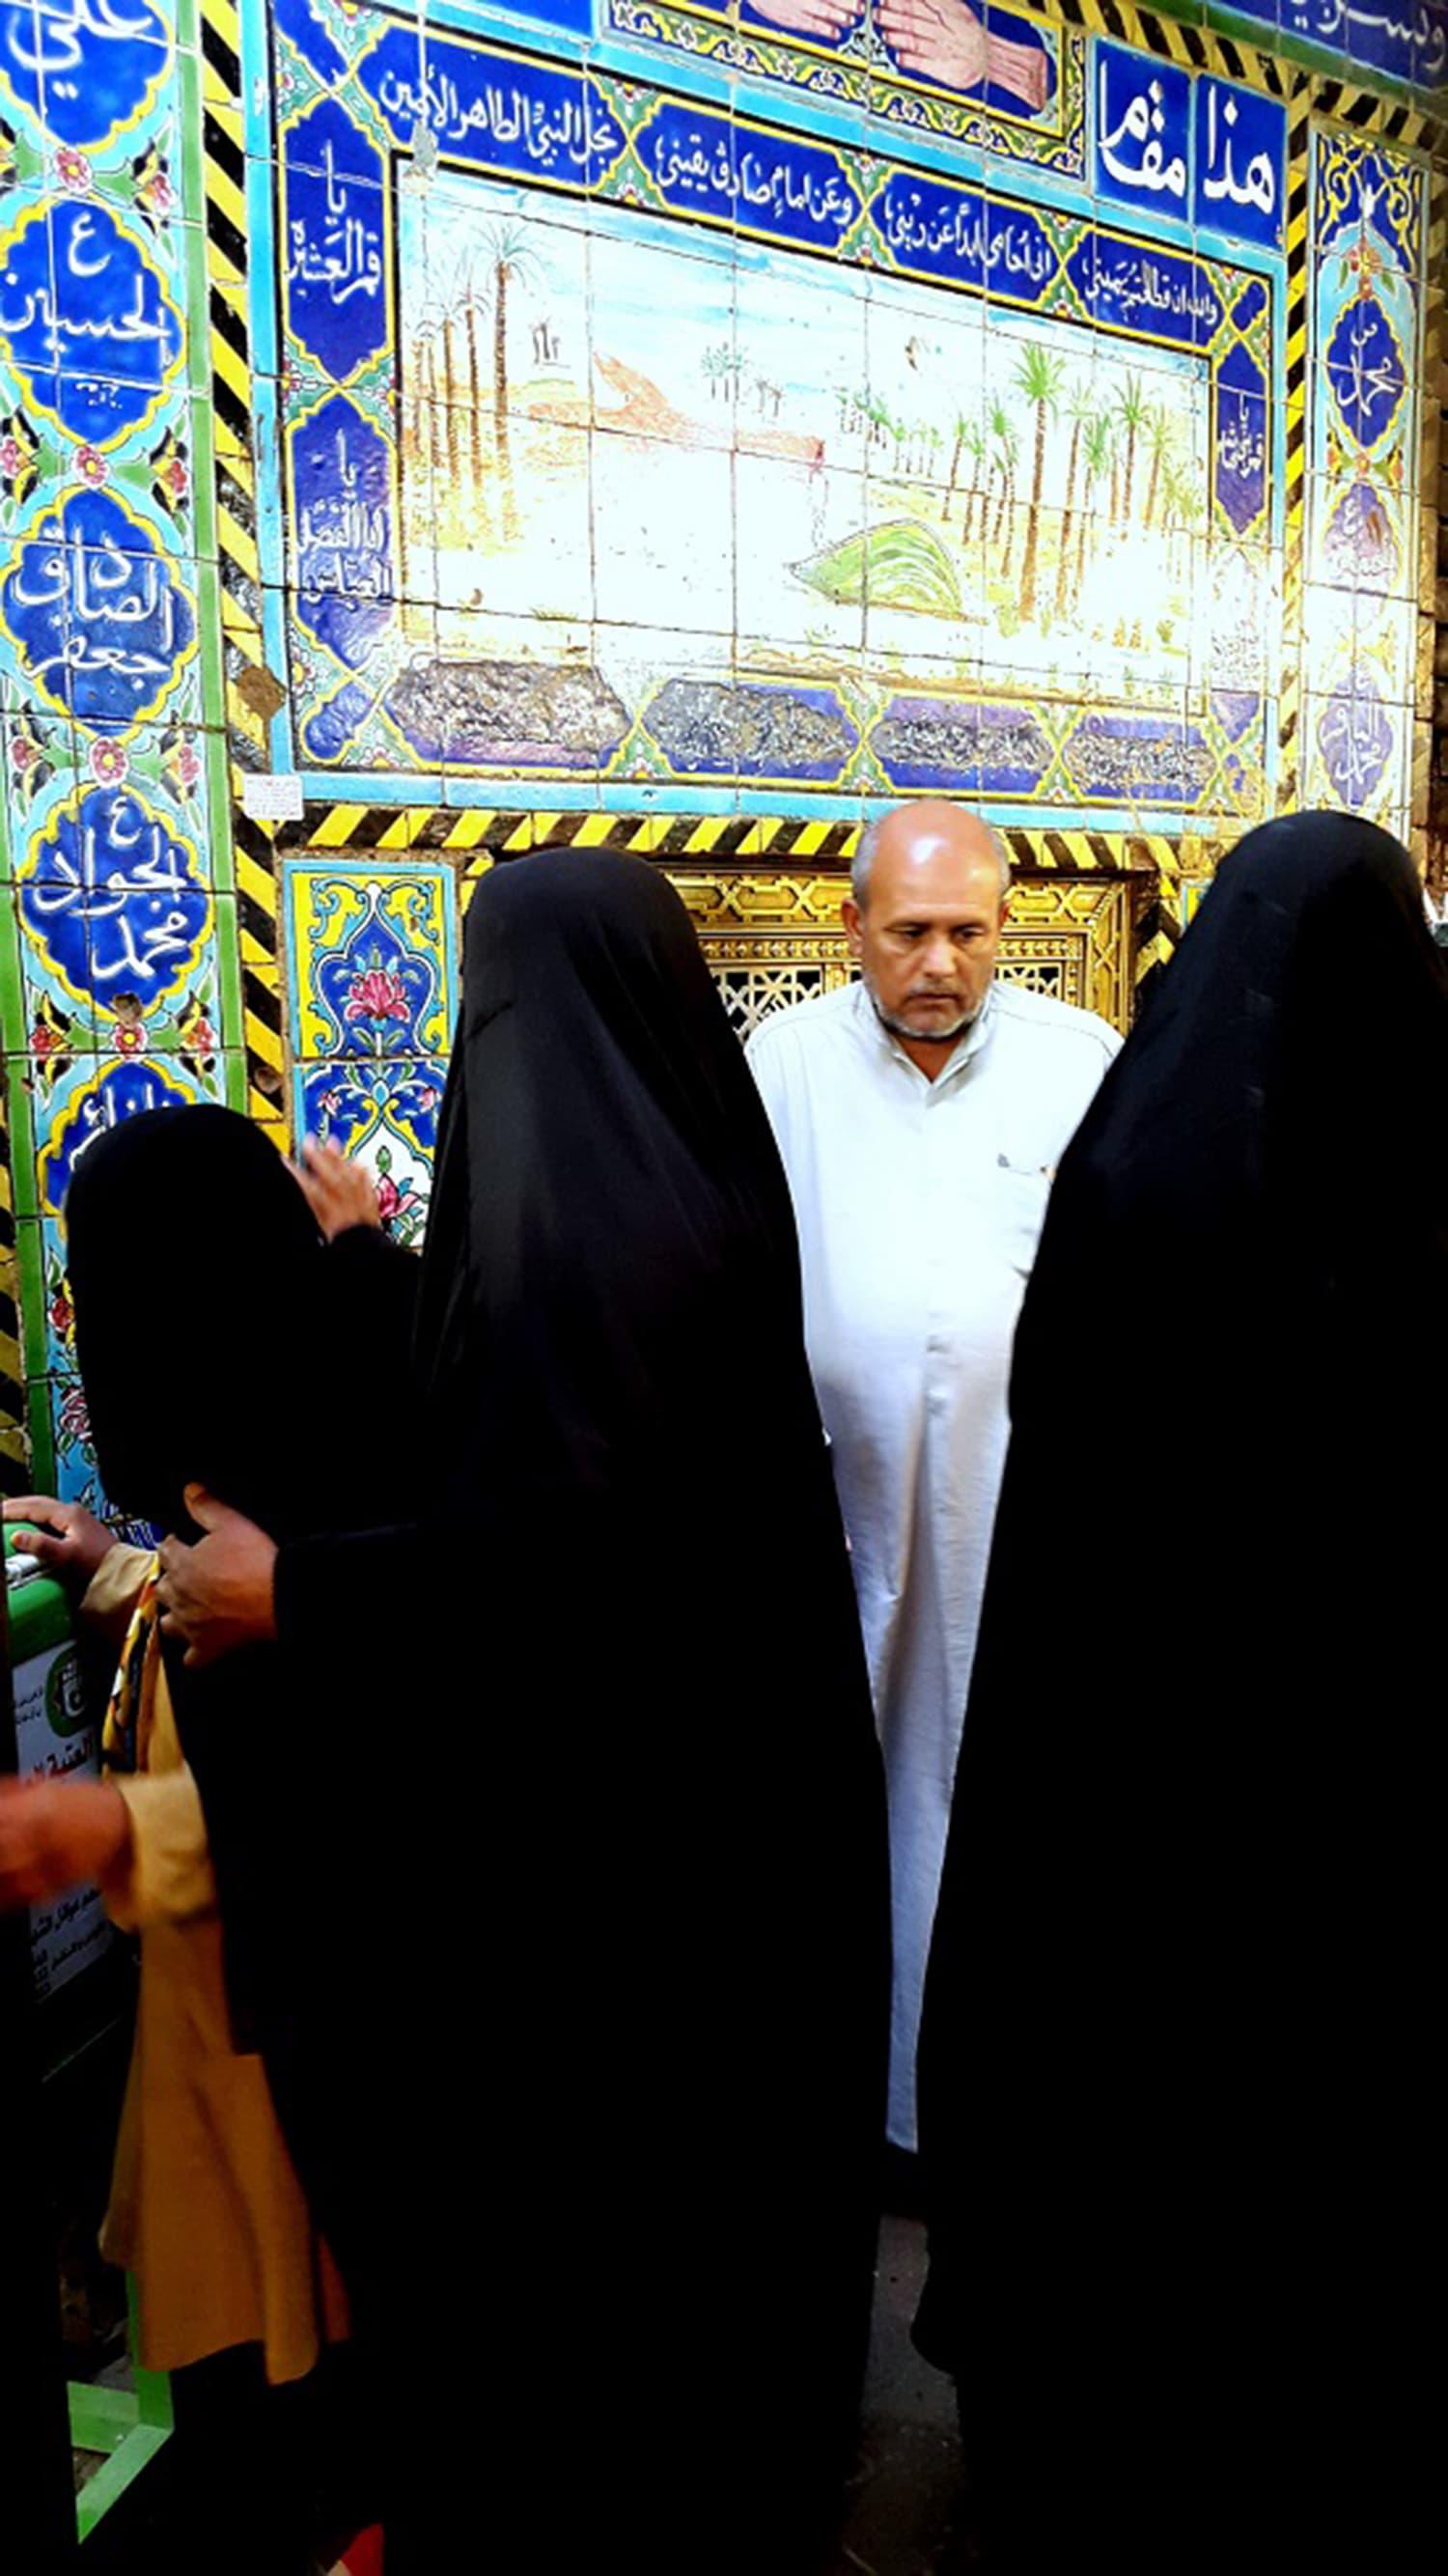 مارچ 2016 میں حضرت عباس رضی اللہ عنہ کی قبر کے لیے پہلی بار مکمل طور پر عراق میں تیار شدہ ضریح نصب کی گئی